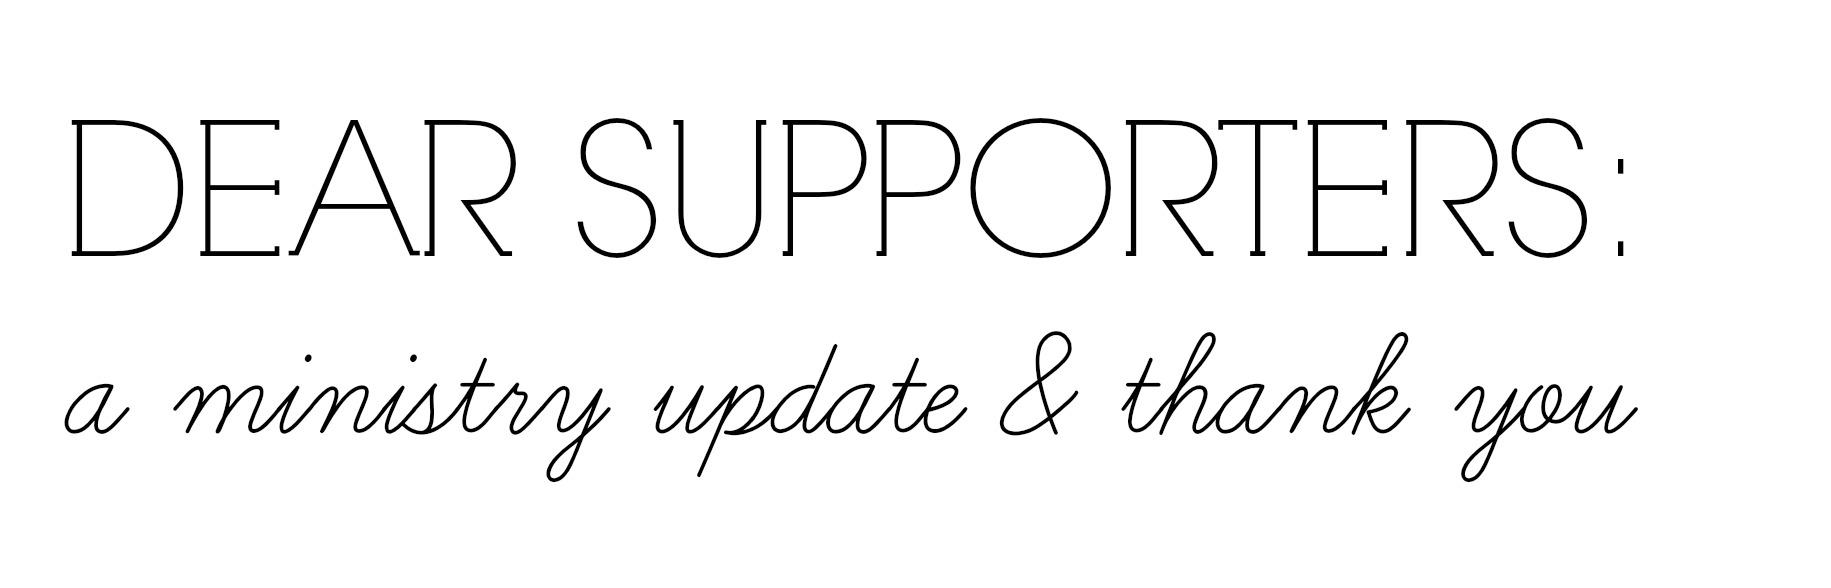 dear supporters